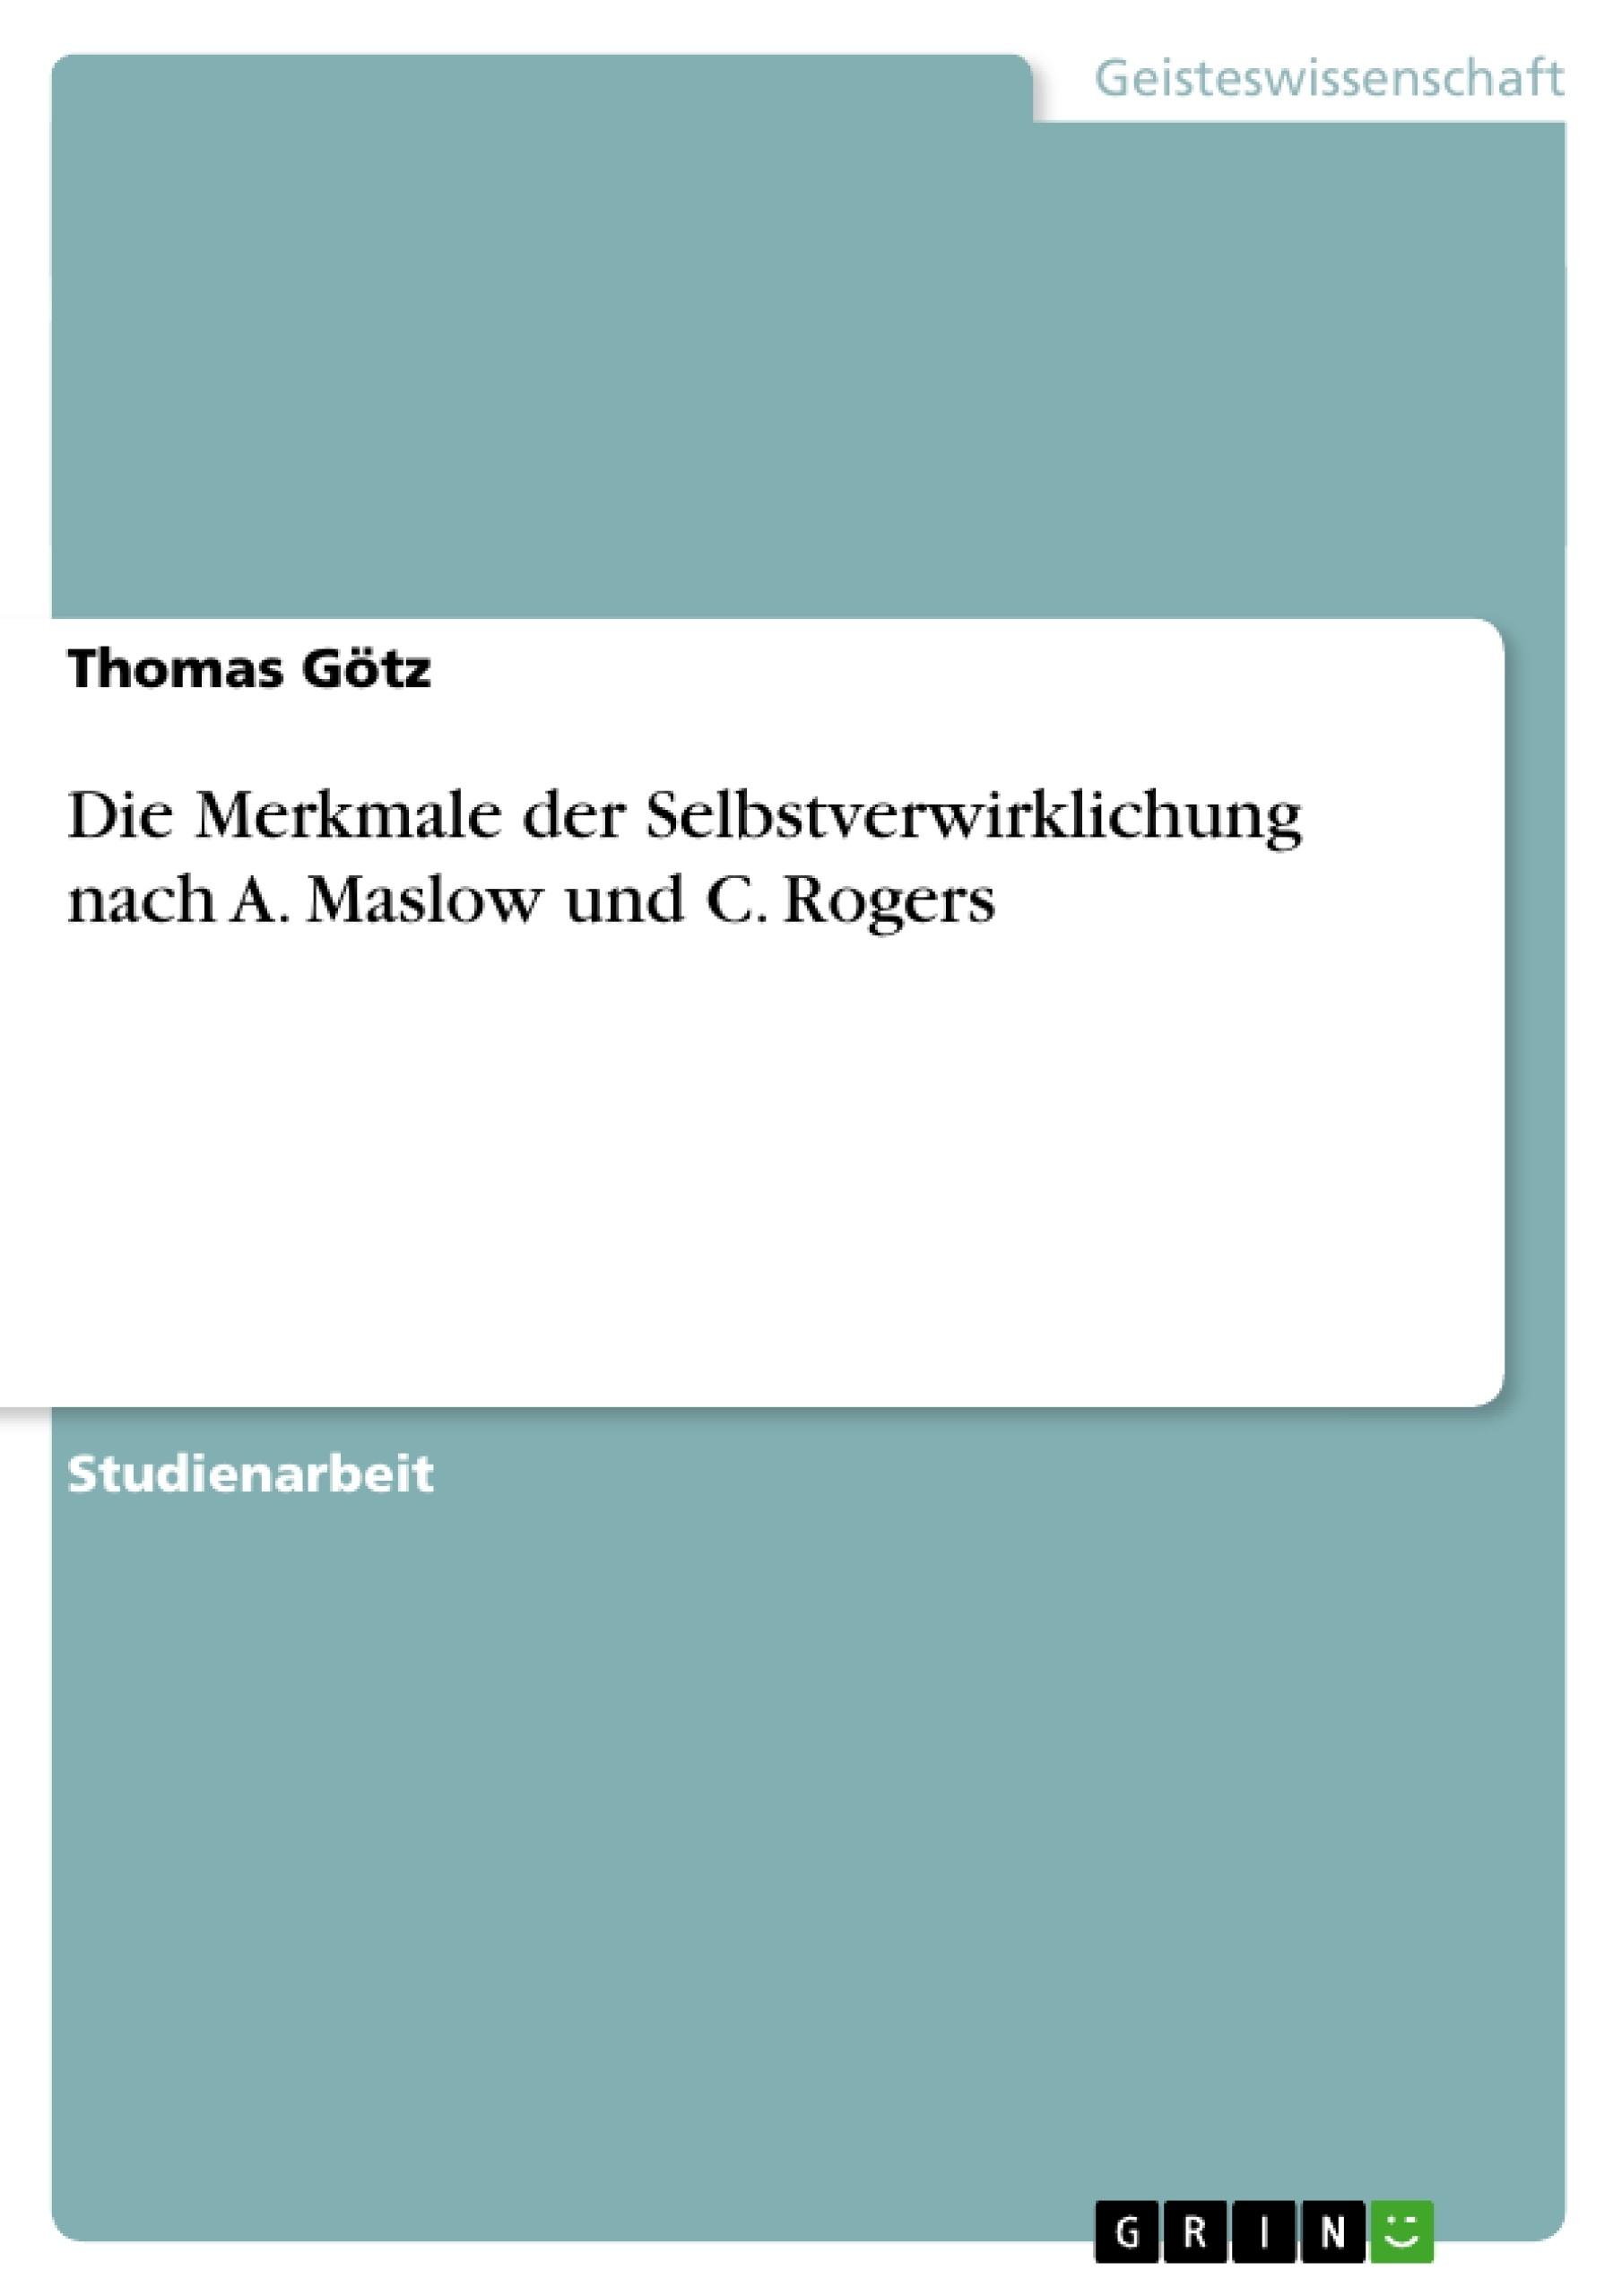 Titel: Die Merkmale der Selbstverwirklichung nach A. Maslow und C. Rogers